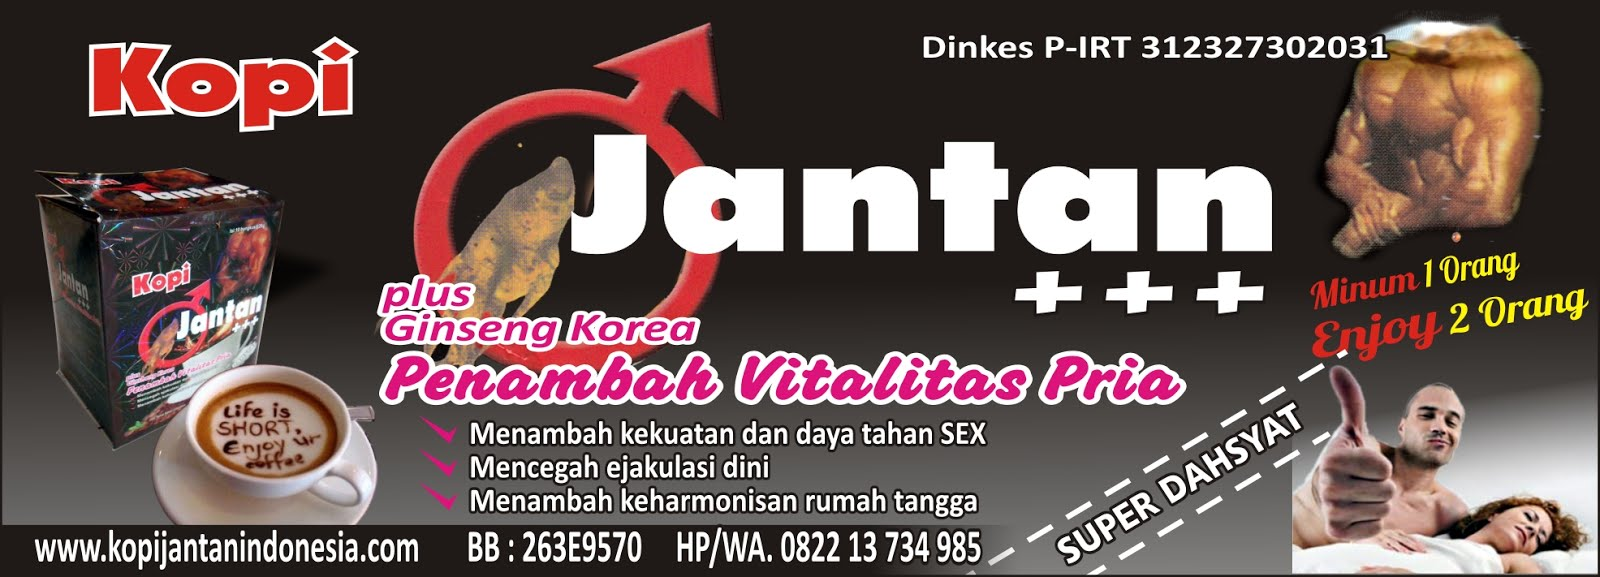 KOPI JANTAN INDONESIA MAU PESAN CP 081365400225